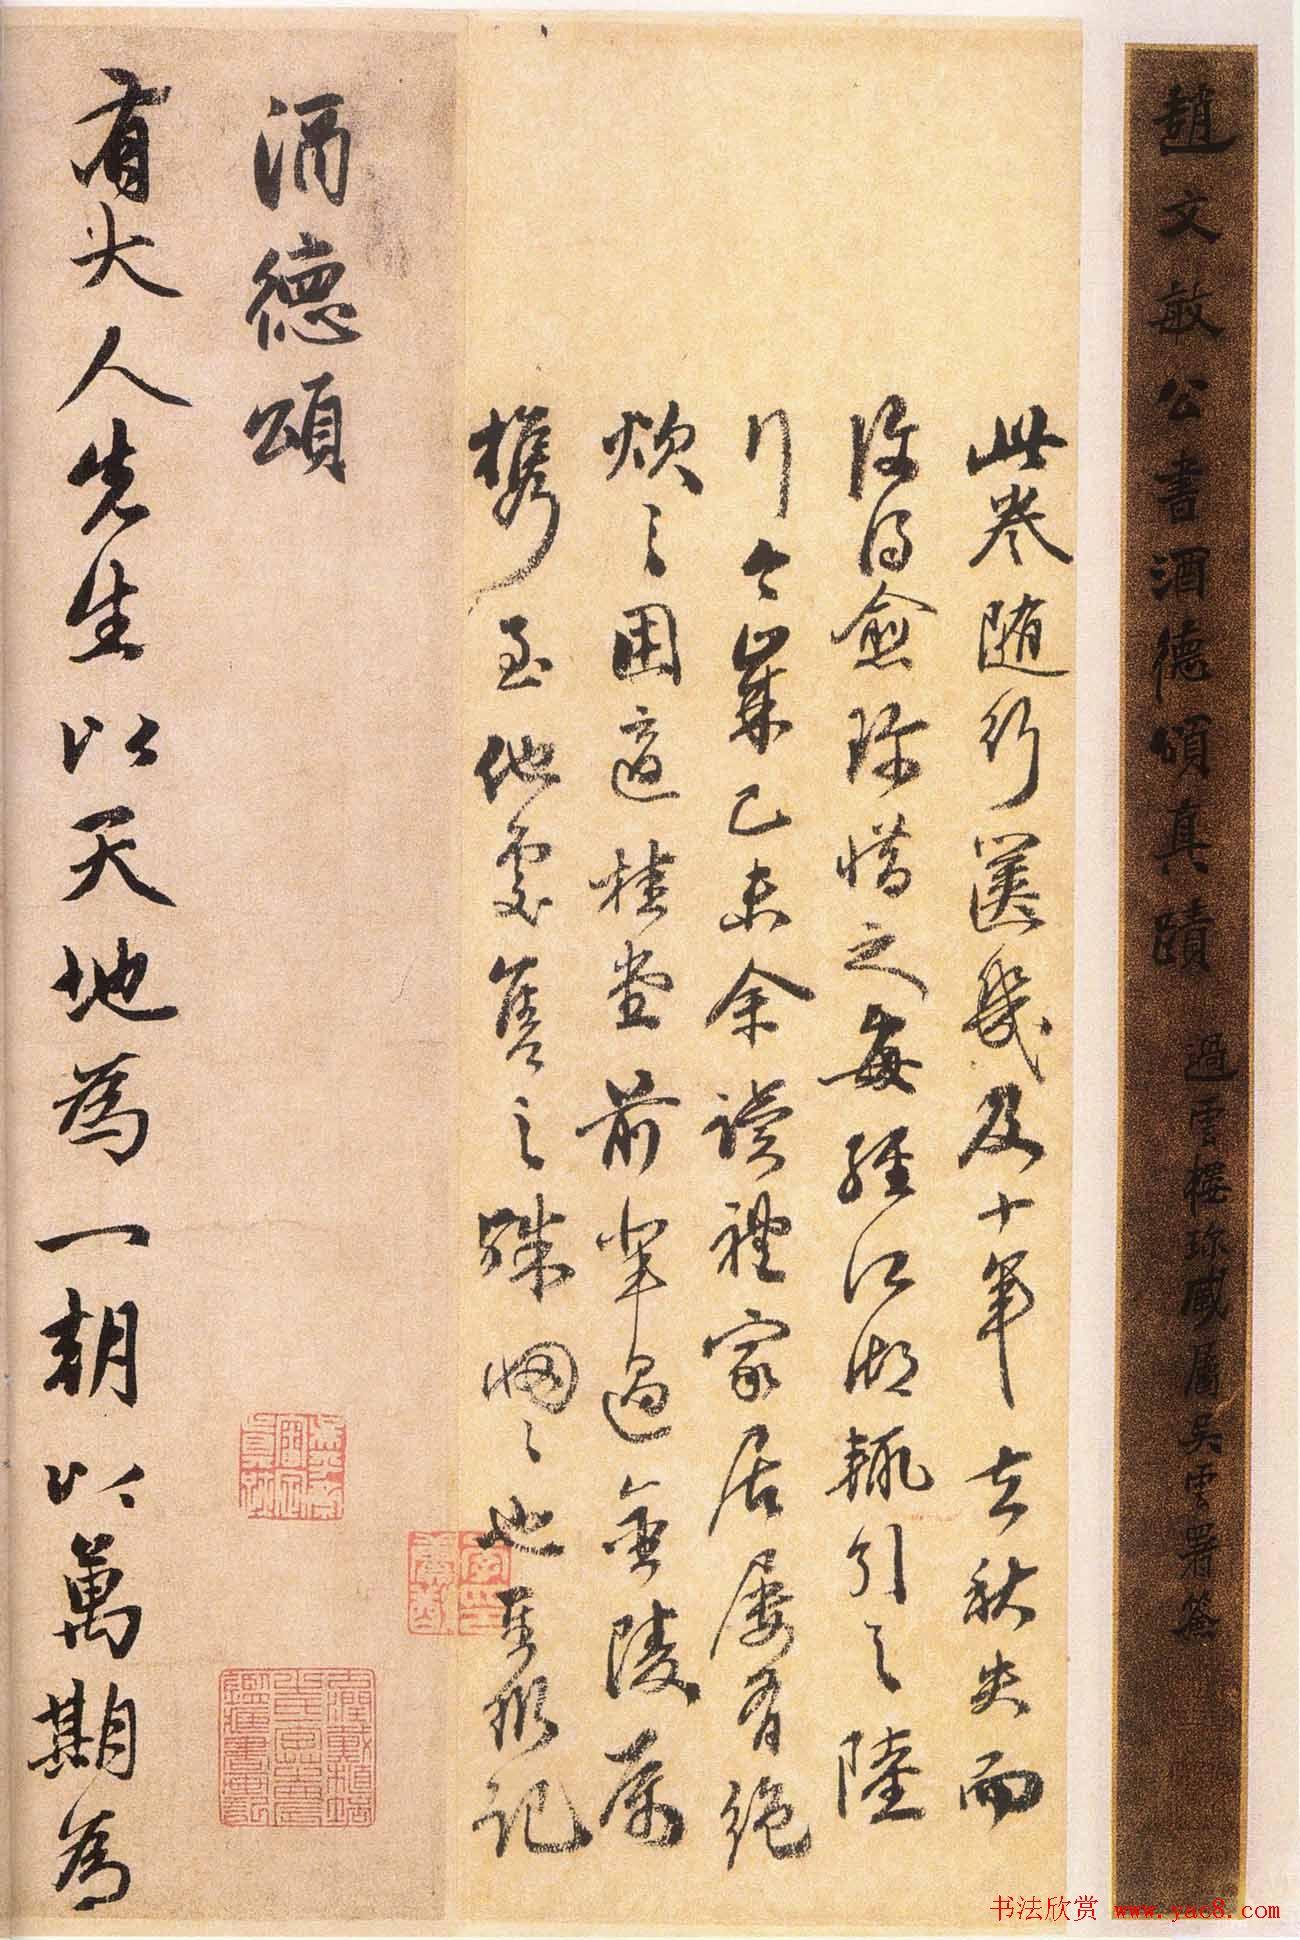 内容摘要:赵孟頫63岁行书书法作品欣赏:《赵文敏公书酒德颂真迹》纸本,纵28.5cm,横65.2cm,19行。延祐三年(1316年)为瞿泽民录写的西晋刘伶《酒德颂》全文。北京故宫博物院藏。此帖笔法纵逸,又是自家风貌,肥不没骨,瘦不露筯,姿媚隽逸,出神入化,可谓人书俱老,炉火纯青,是赵孟頫书.